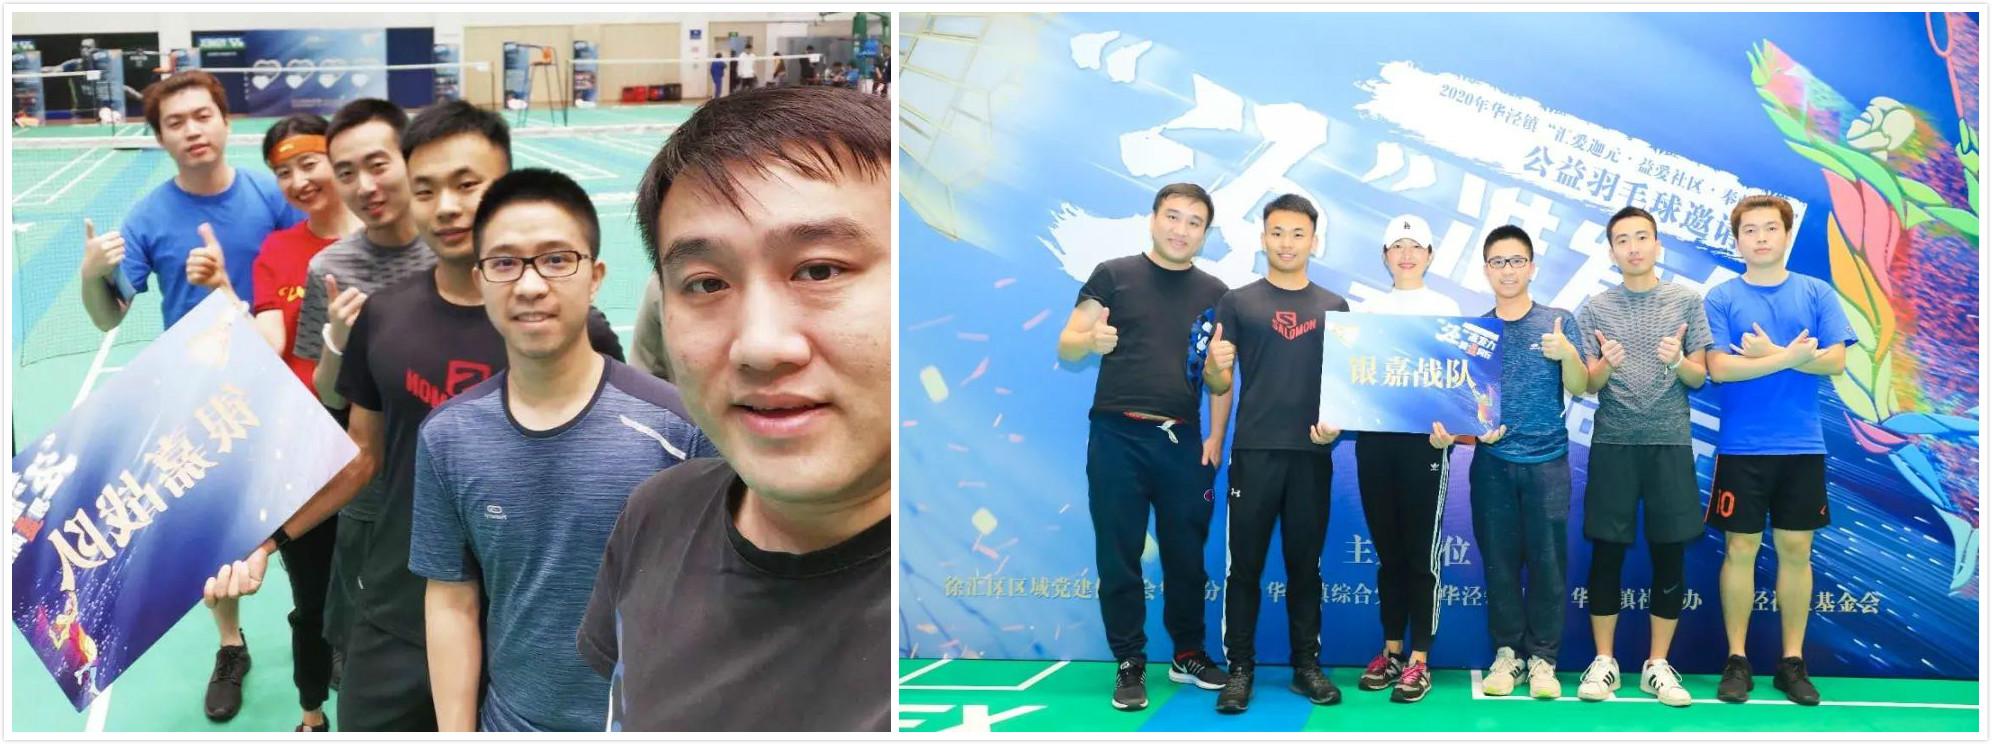 银嘉集团积极参与2020华泾镇公益羽毛球大赛